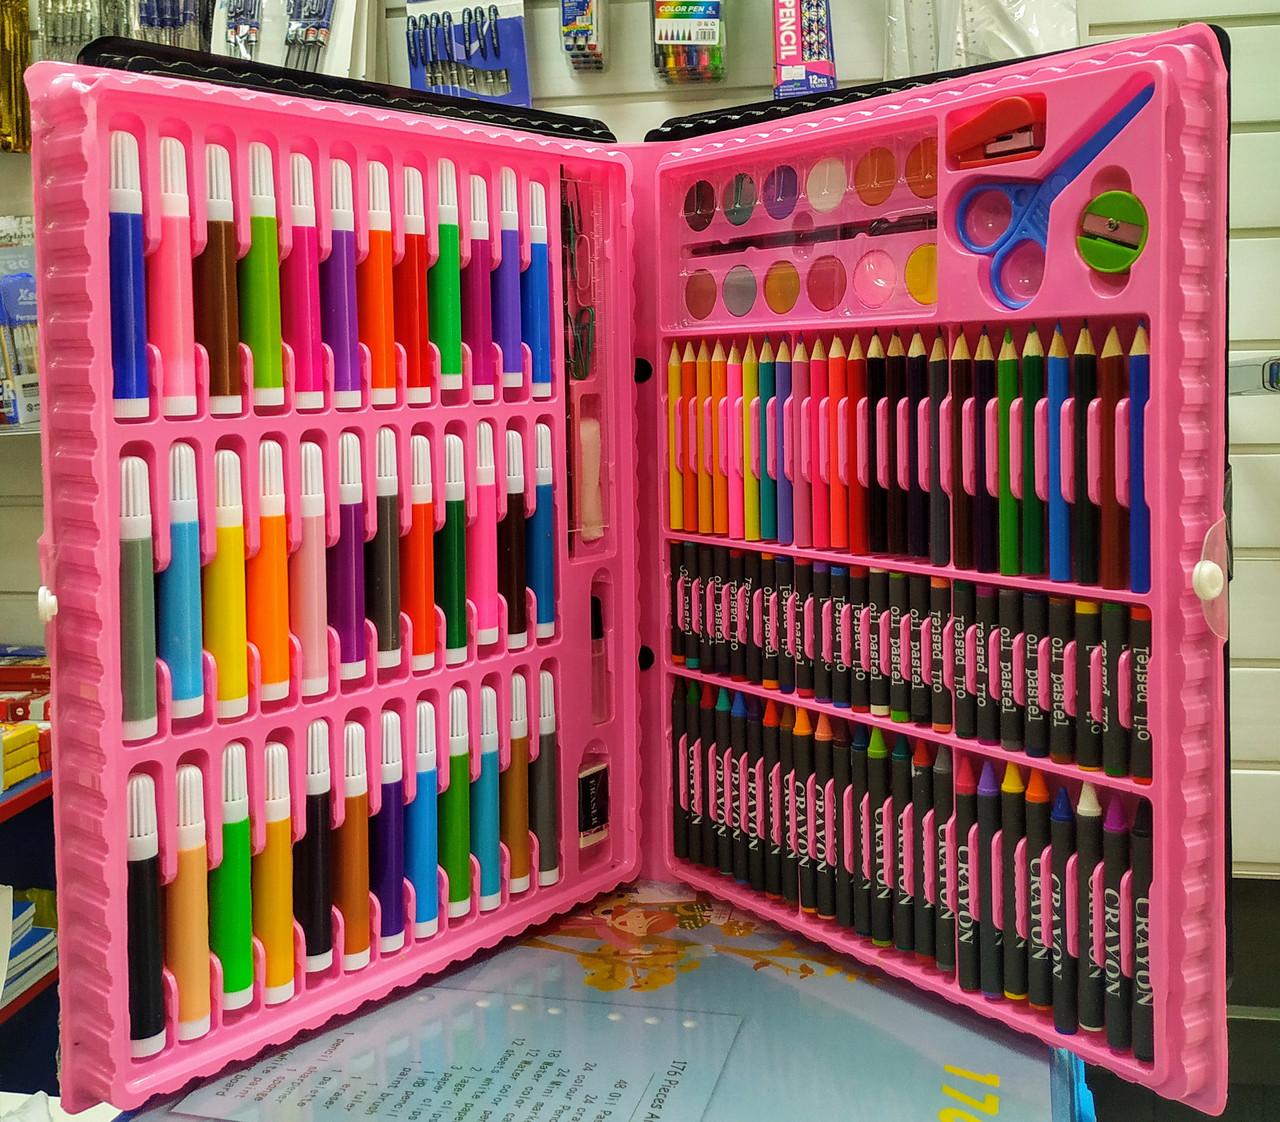 Детский набор для творчества 150 предметов (художественный набор для рисования в чемоданчике) - фото 2